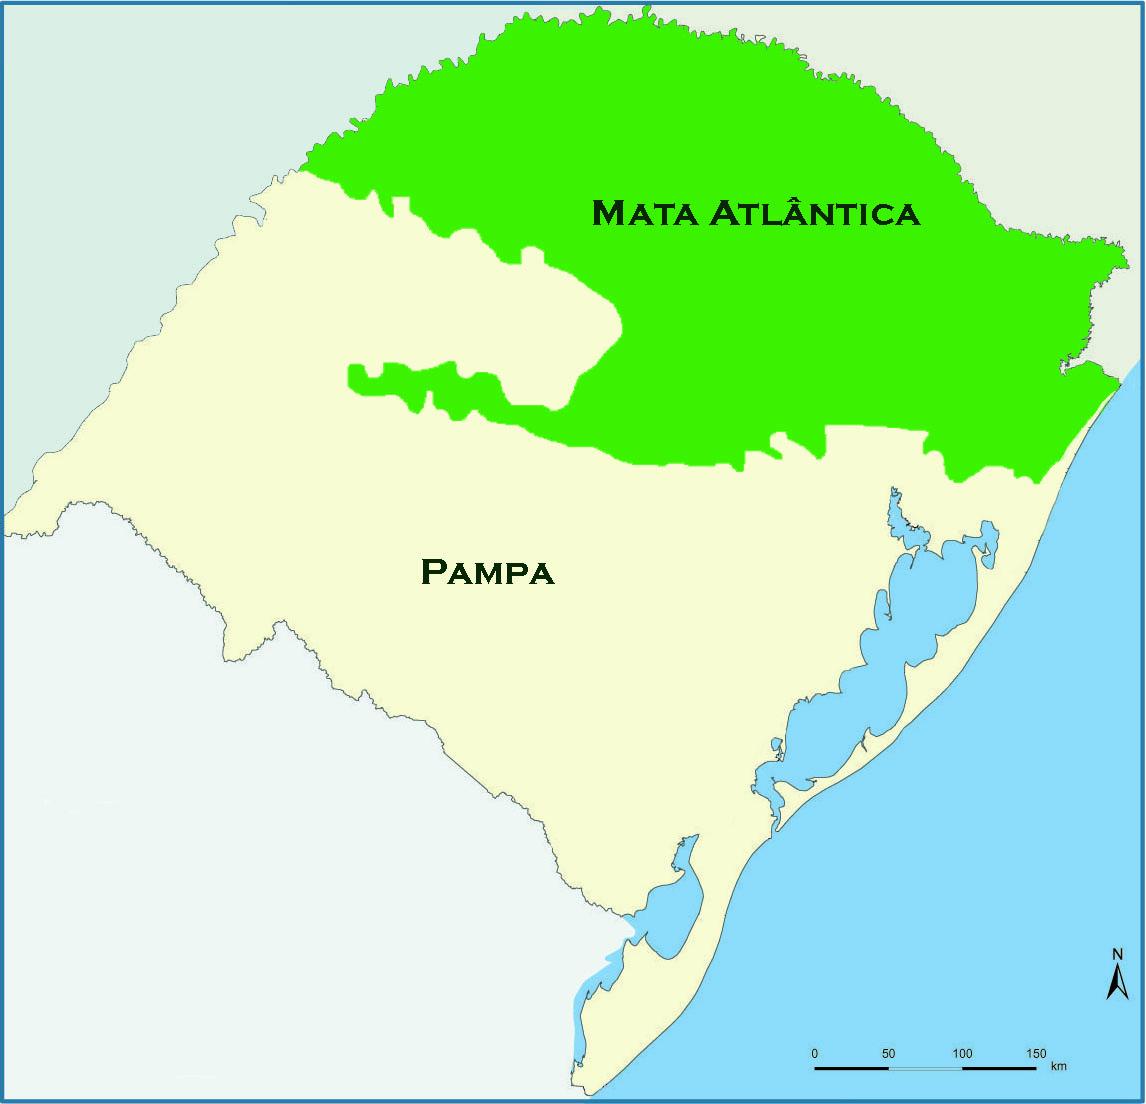 Mata Rio Grande do Sul fonte: upload.wikimedia.org